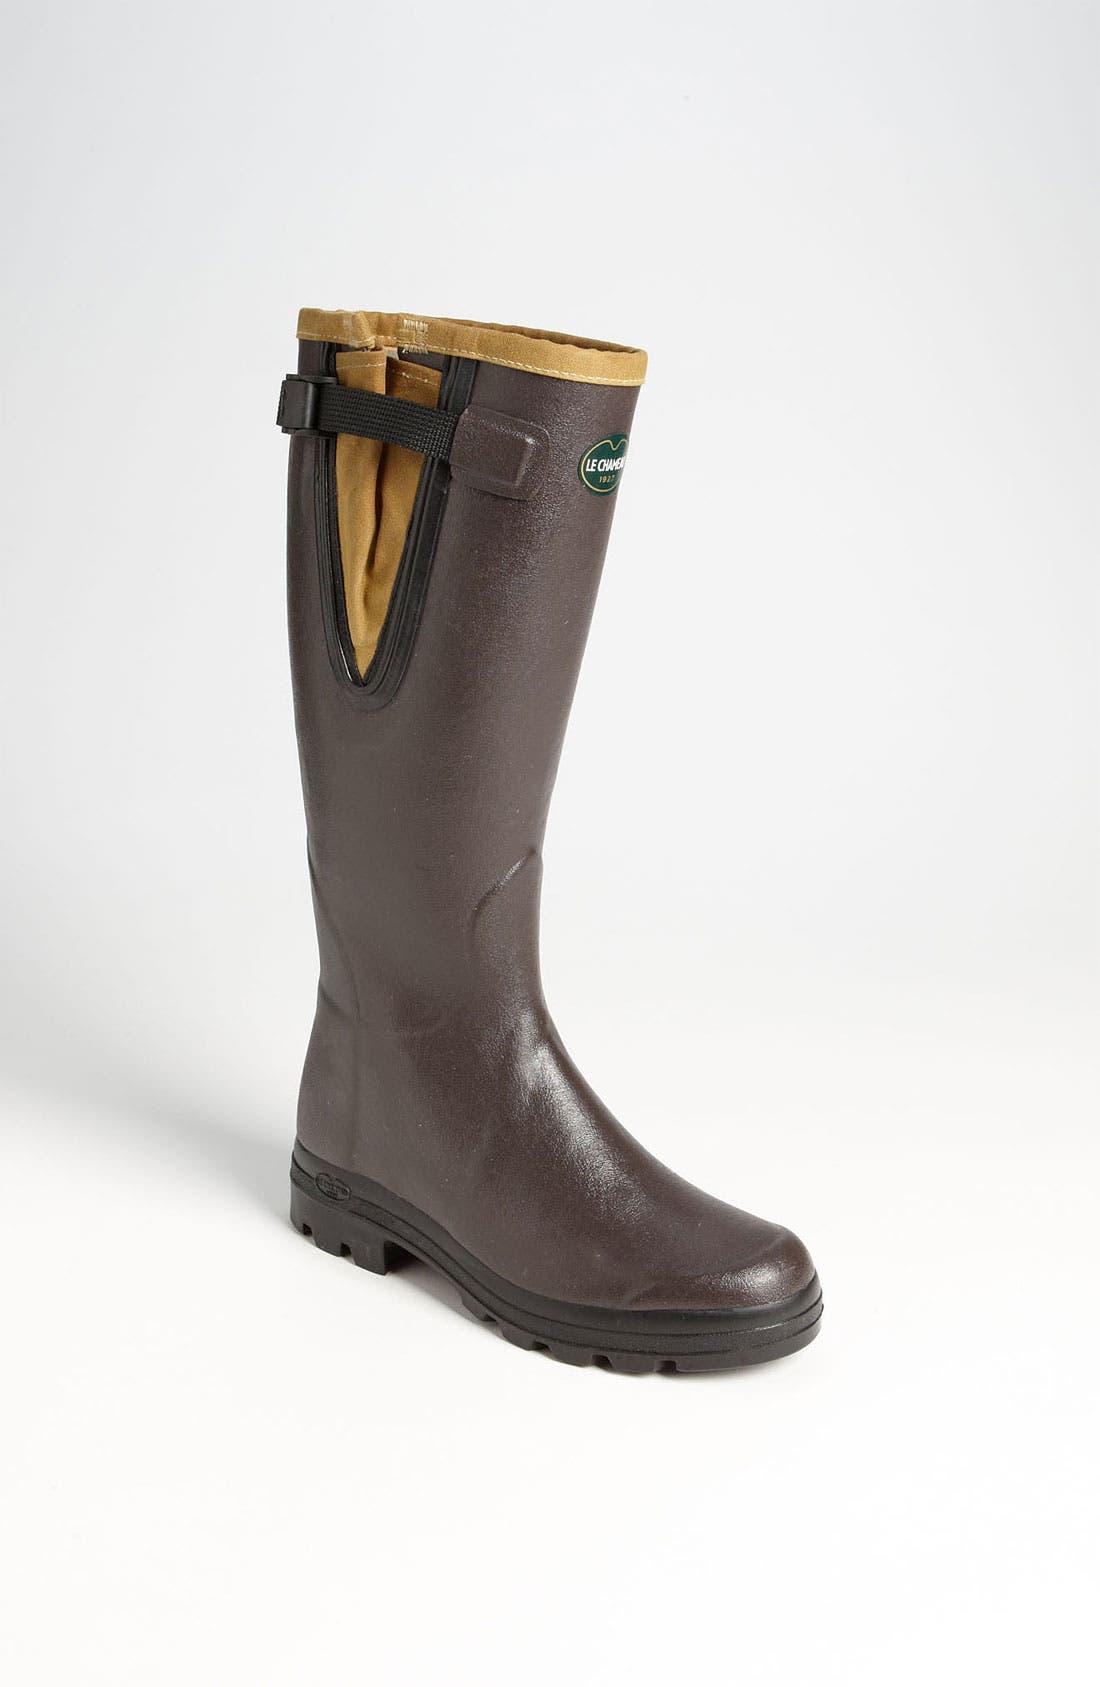 Main Image - Le Chameau 'Filson Vierzon' Rain Boot